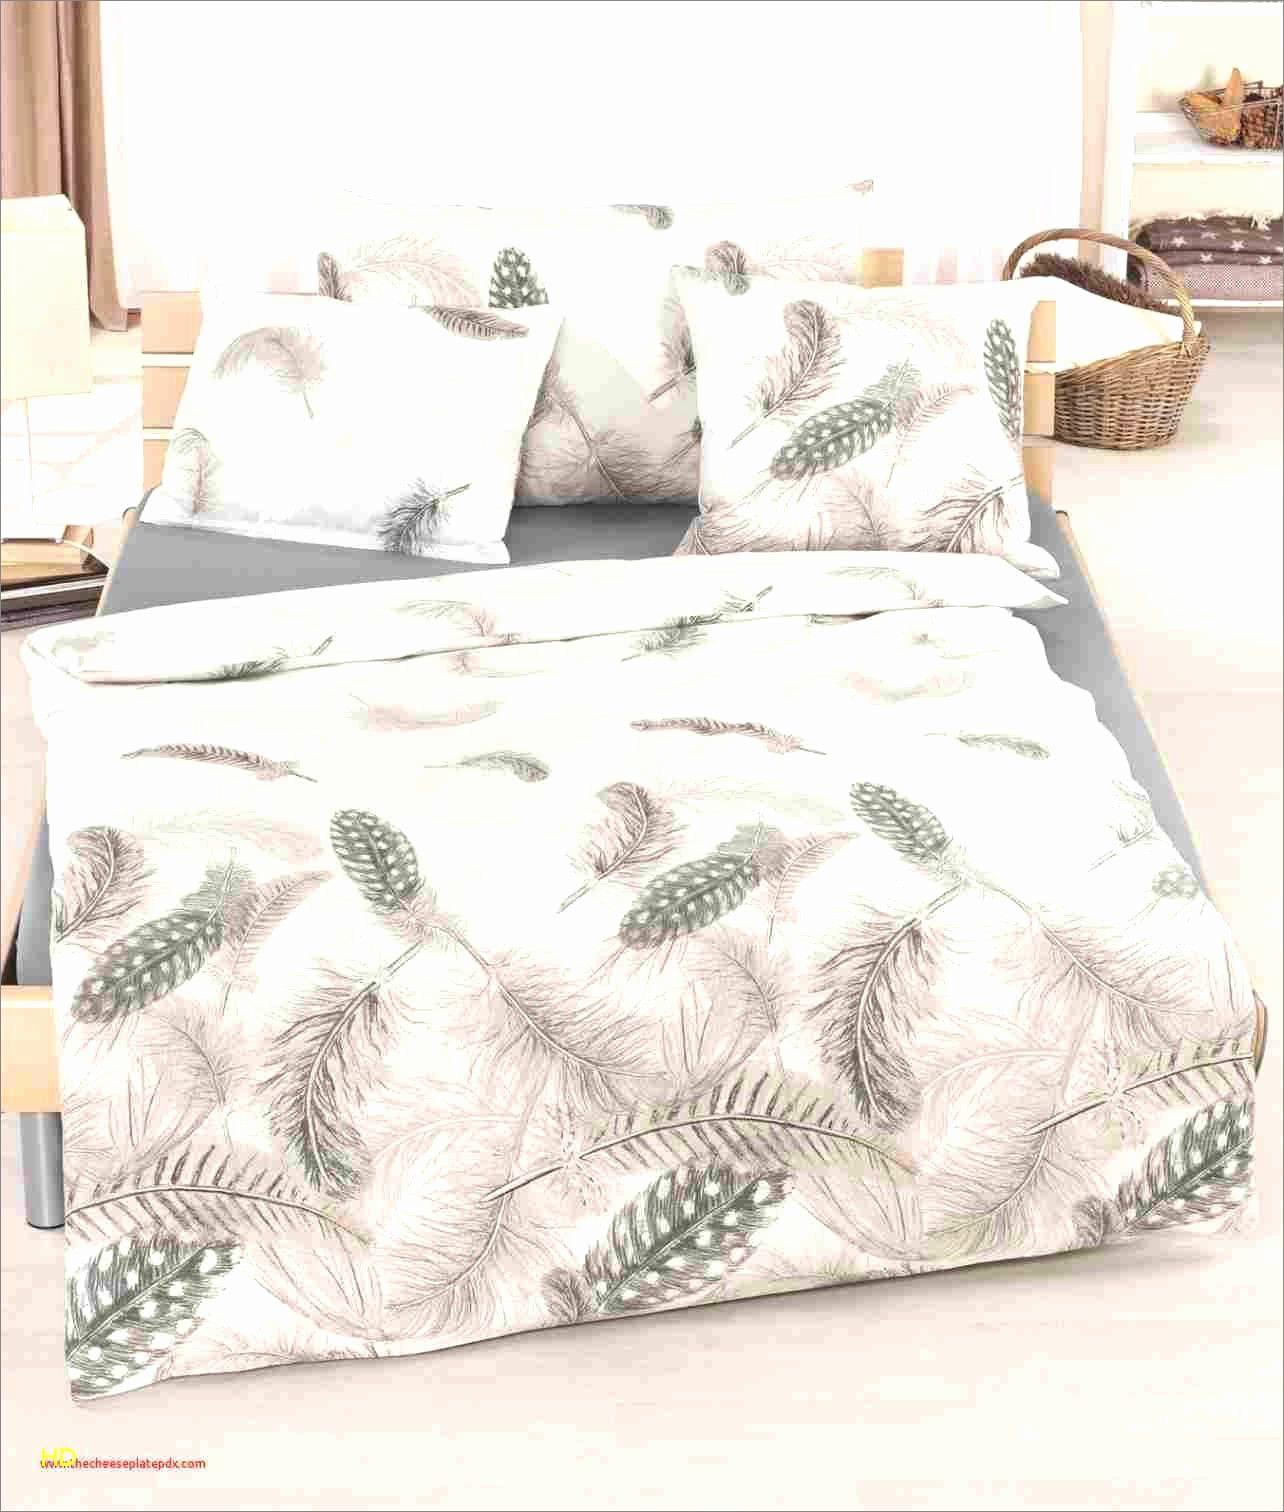 Gute Gunstige Matratze Awesome Gute Gunstige Matratzen Einzigartig Gunstige Gute In 2020 Bettwasche Schlafzimmer Bettwasche Bettwasche Gunstig